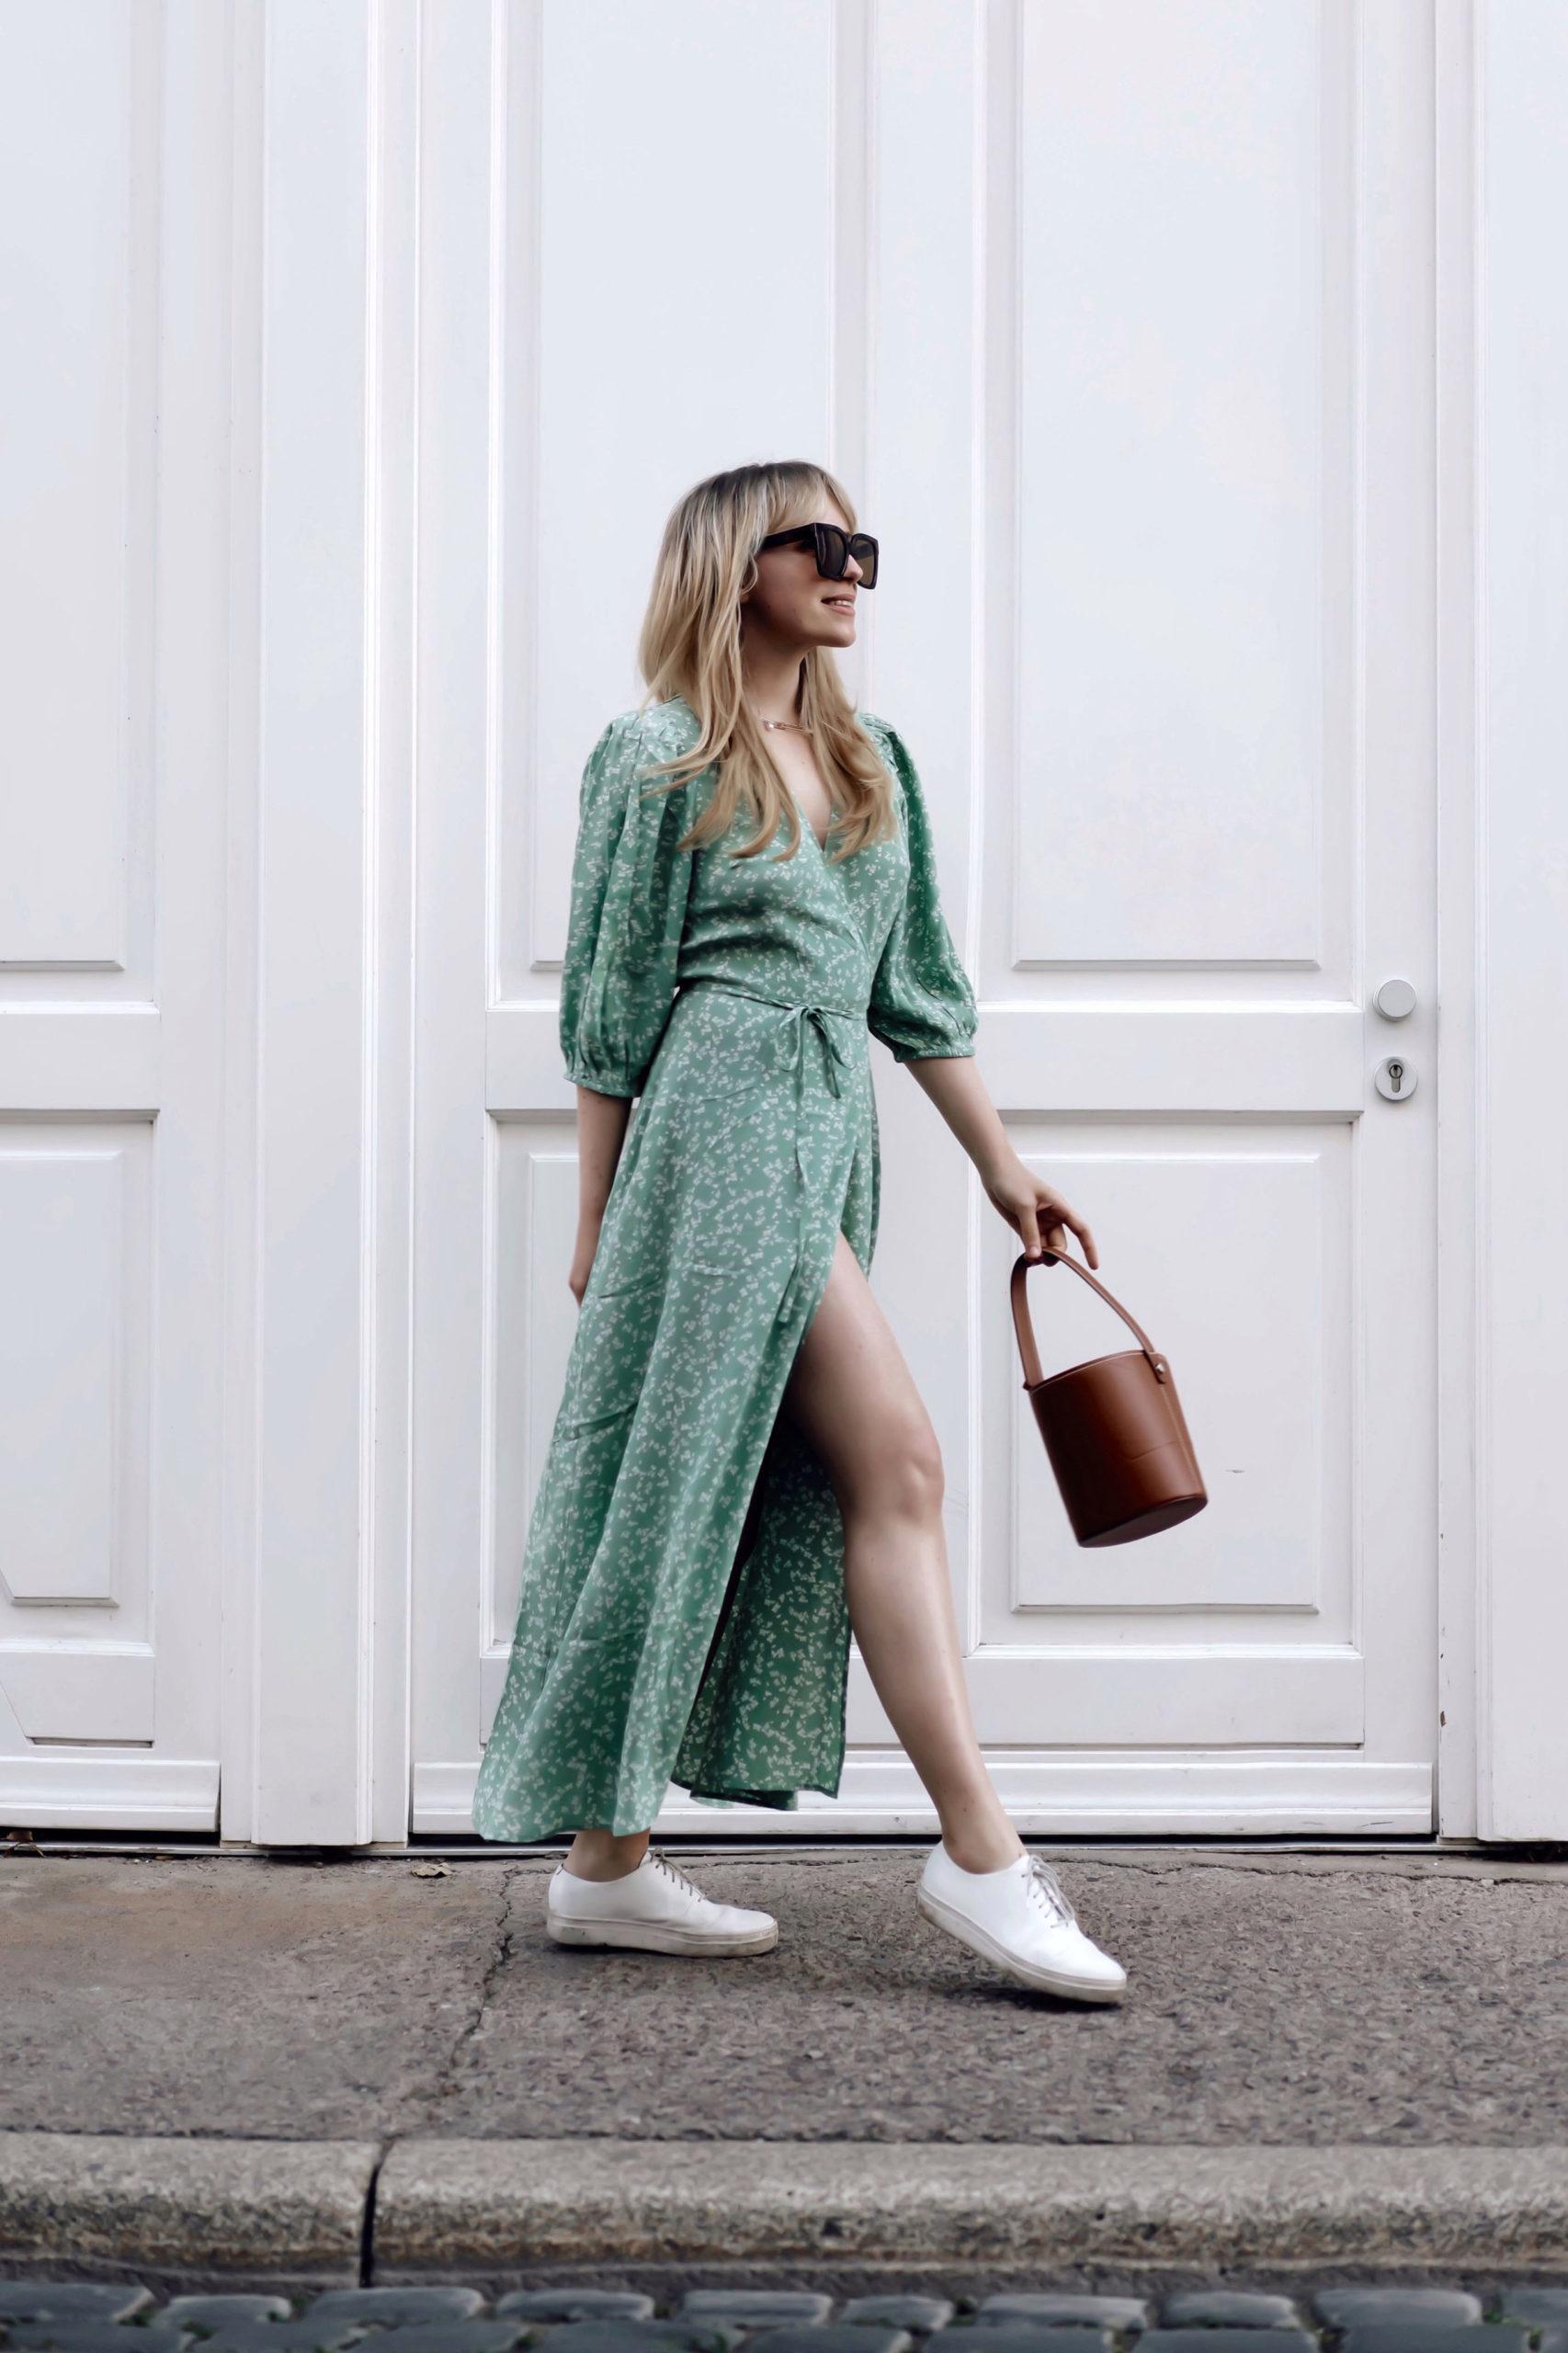 Sommerkleider 2020 die wir unbedingt tragen müssen